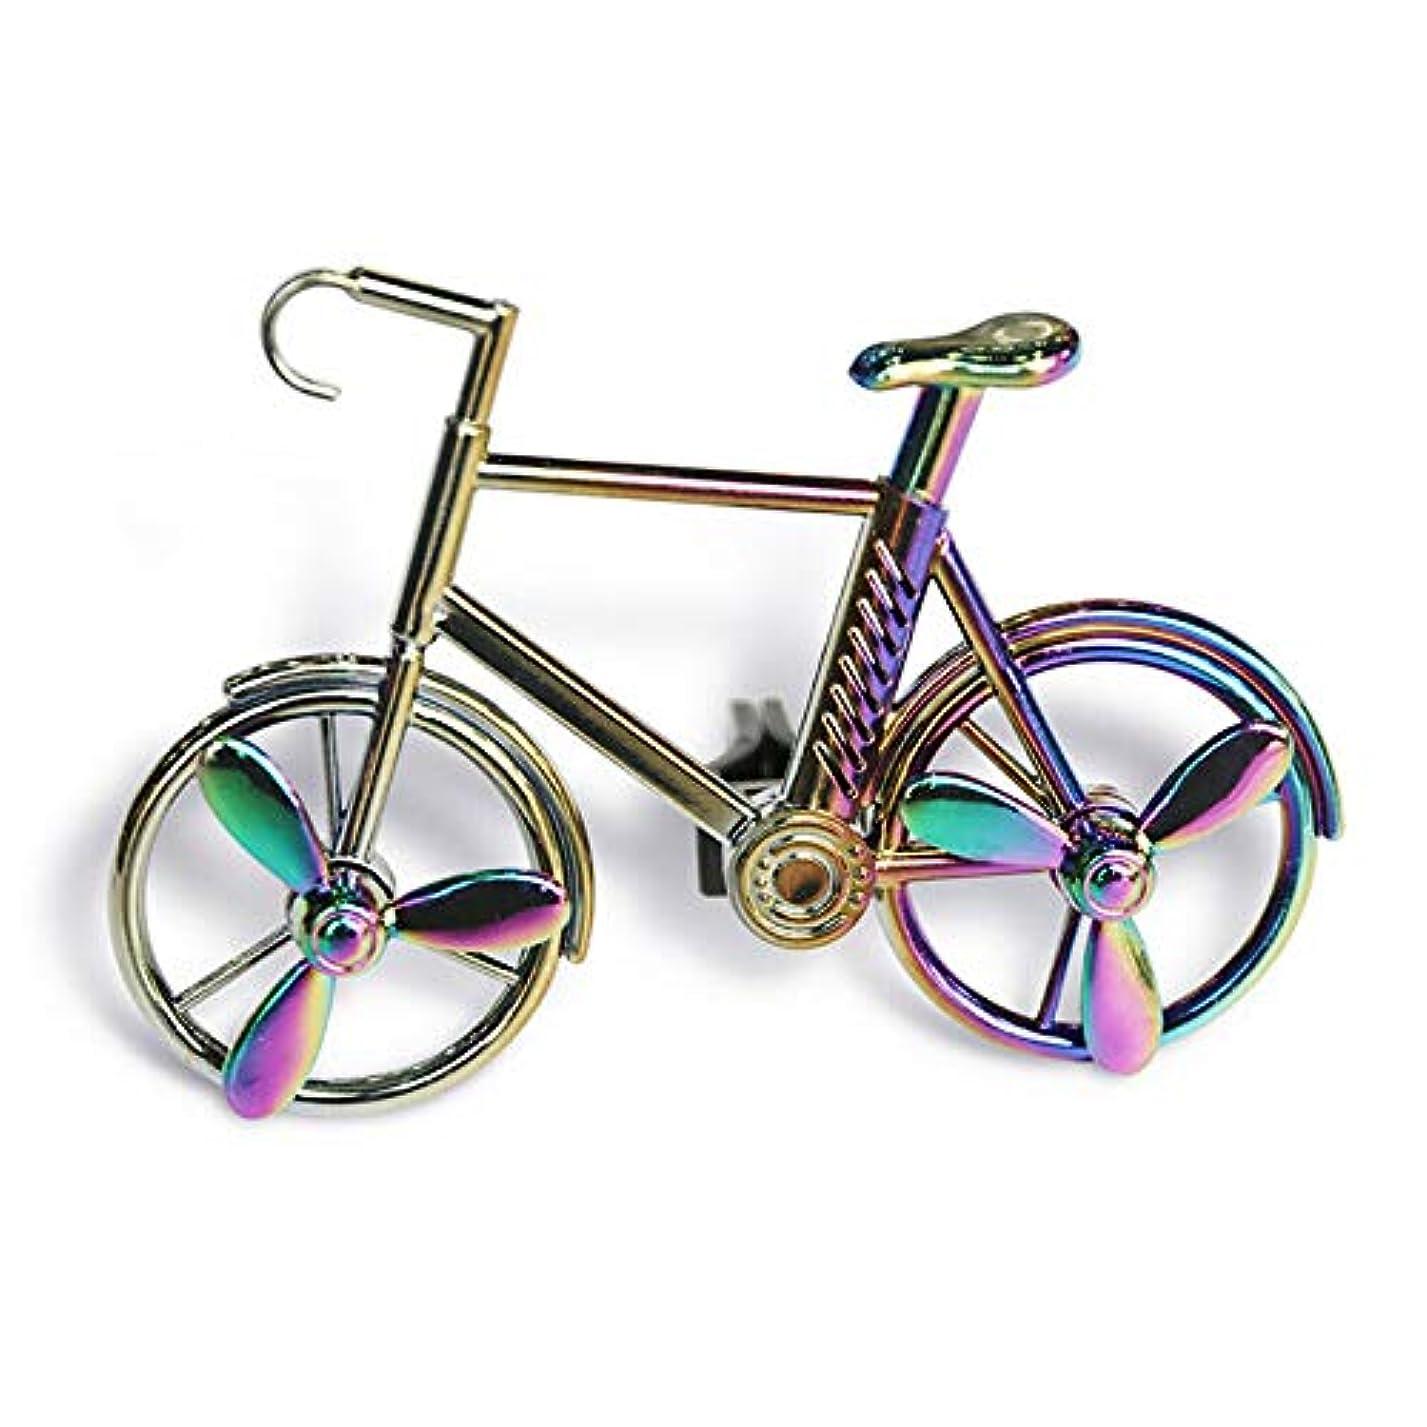 数学者その結果紳士気取りの、きざなSymboat 車の芳香剤車の出口のアロマセラピーの自動車付属品の自転車の装飾品の固体芳香車の香水